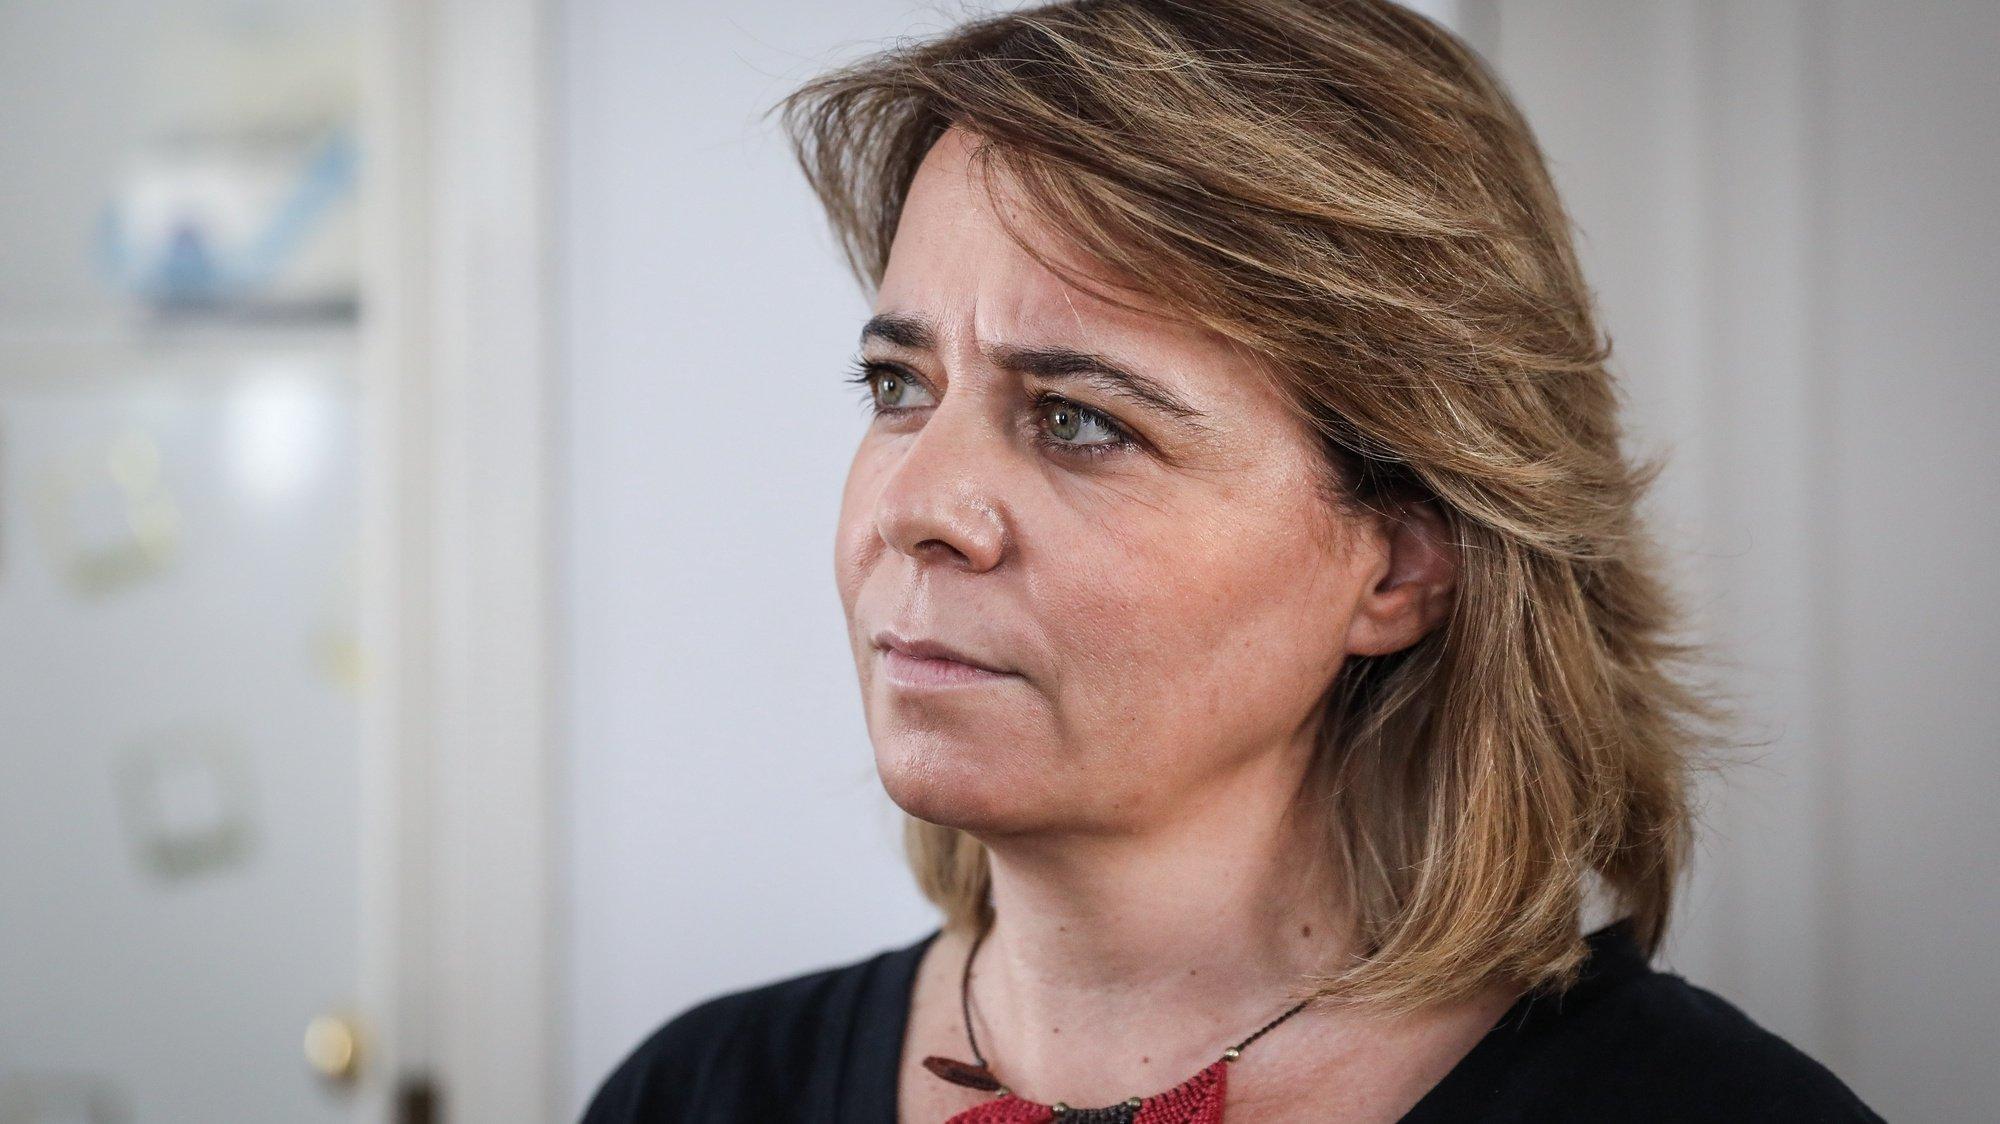 """A coordenadora, do Bloco de Esquerda (BE), Catarina Martins, durante uma visita ao Programa de Alojamento """"Housing First"""" em situação sem abrigo, em Lisboa, 08 de setembro de 2021. RODRIGO ANTUNES/LUSA"""